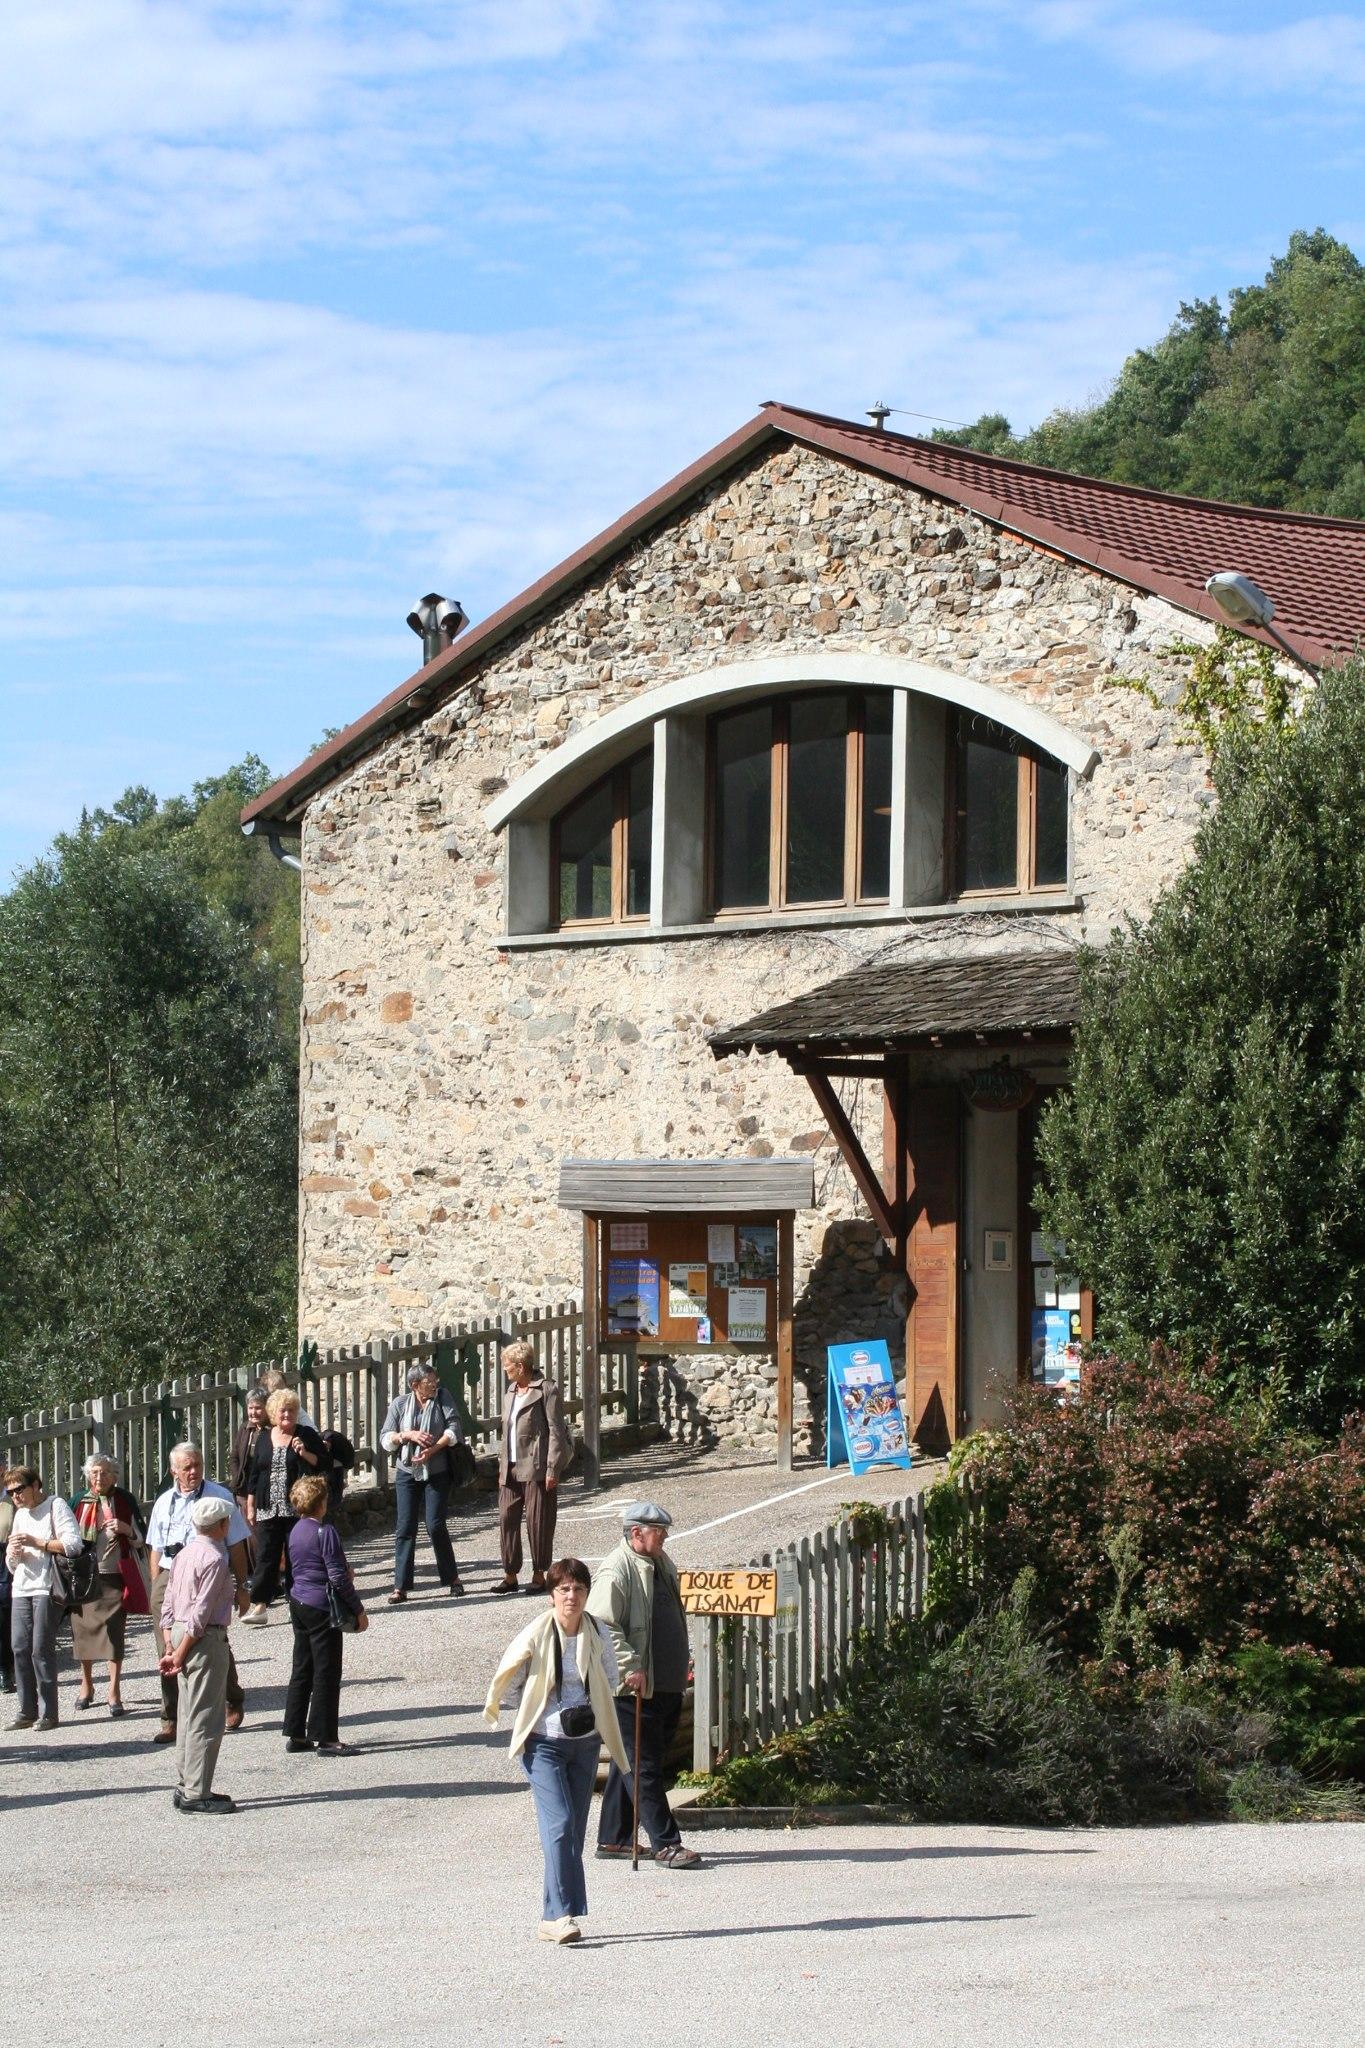 Maison du bois et du jouet tourisme patrimoine pays occitan for Maison ville du bois